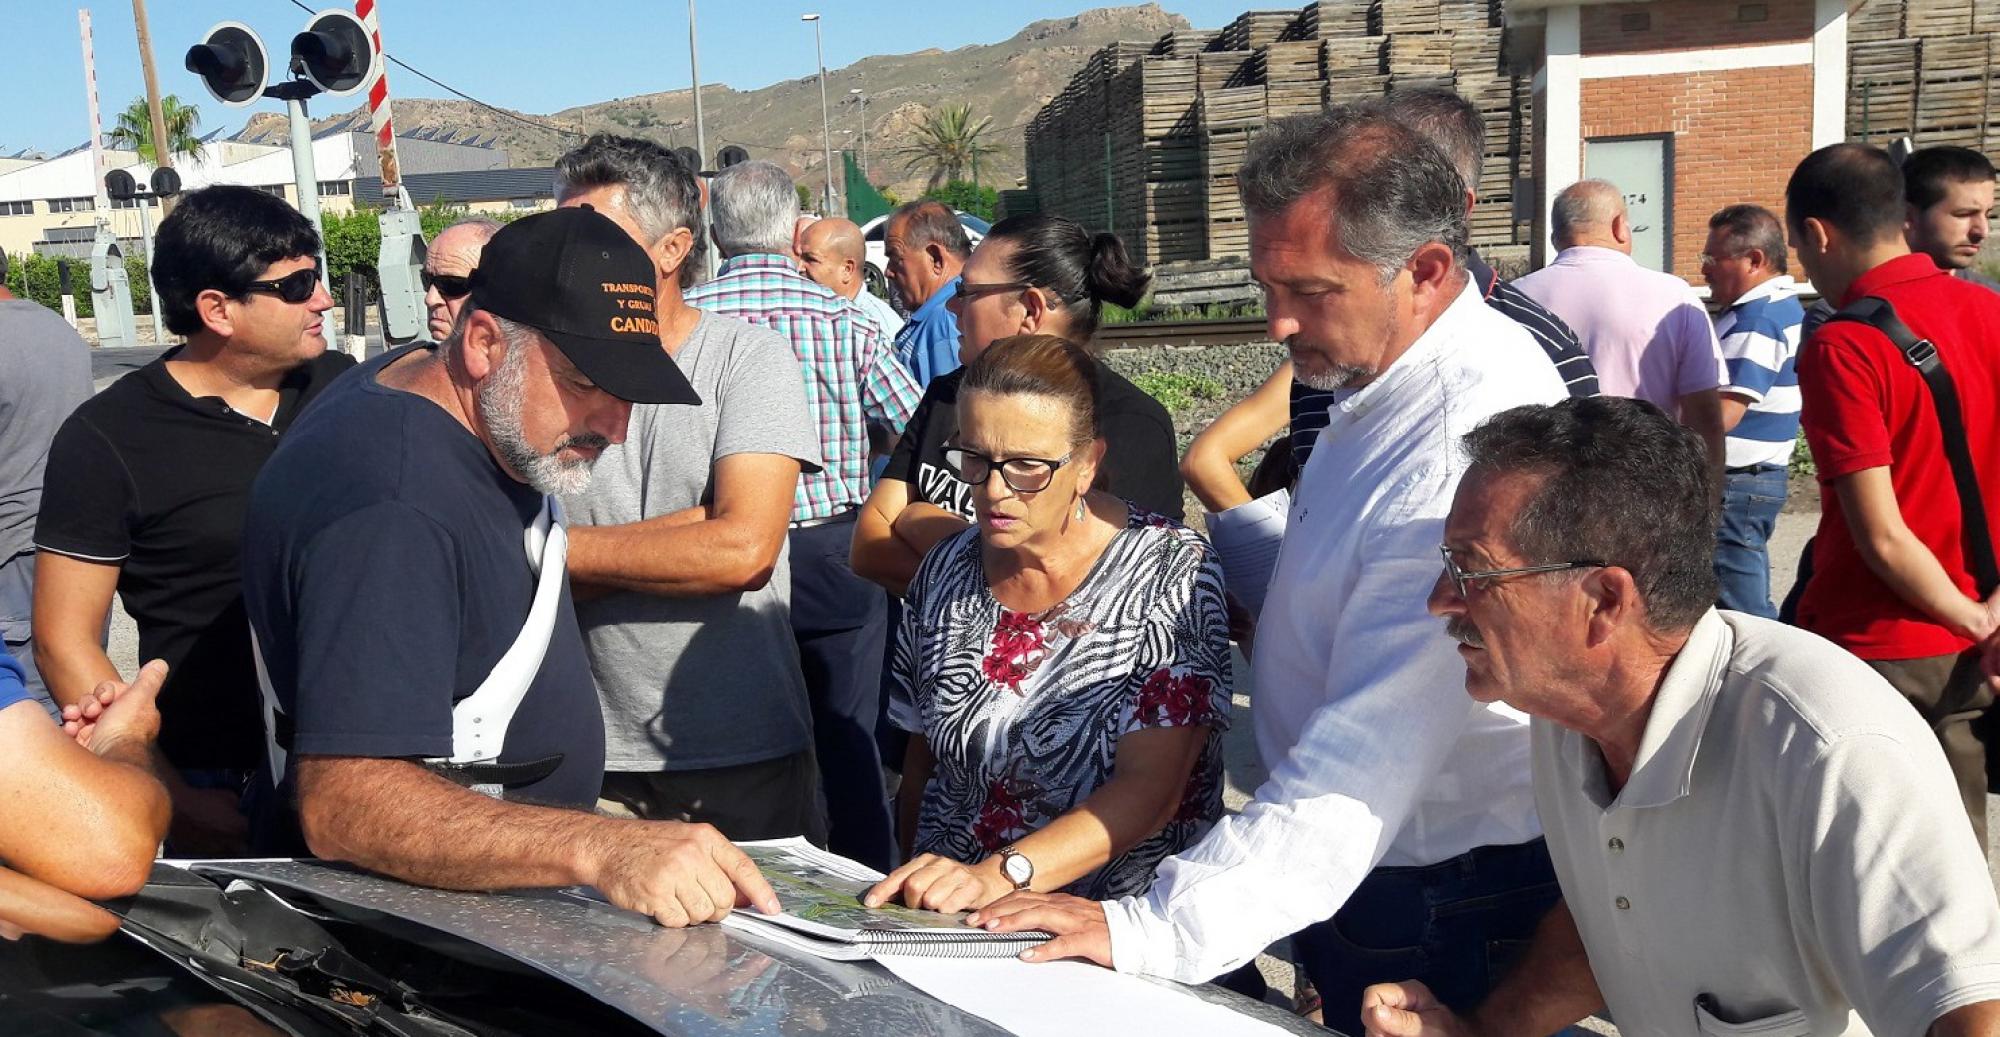 El PP exige al Ministerio que se comprometa en firme a soterrar los pasos de Tercia y Villaespesa antes de expropiar a los damnificados